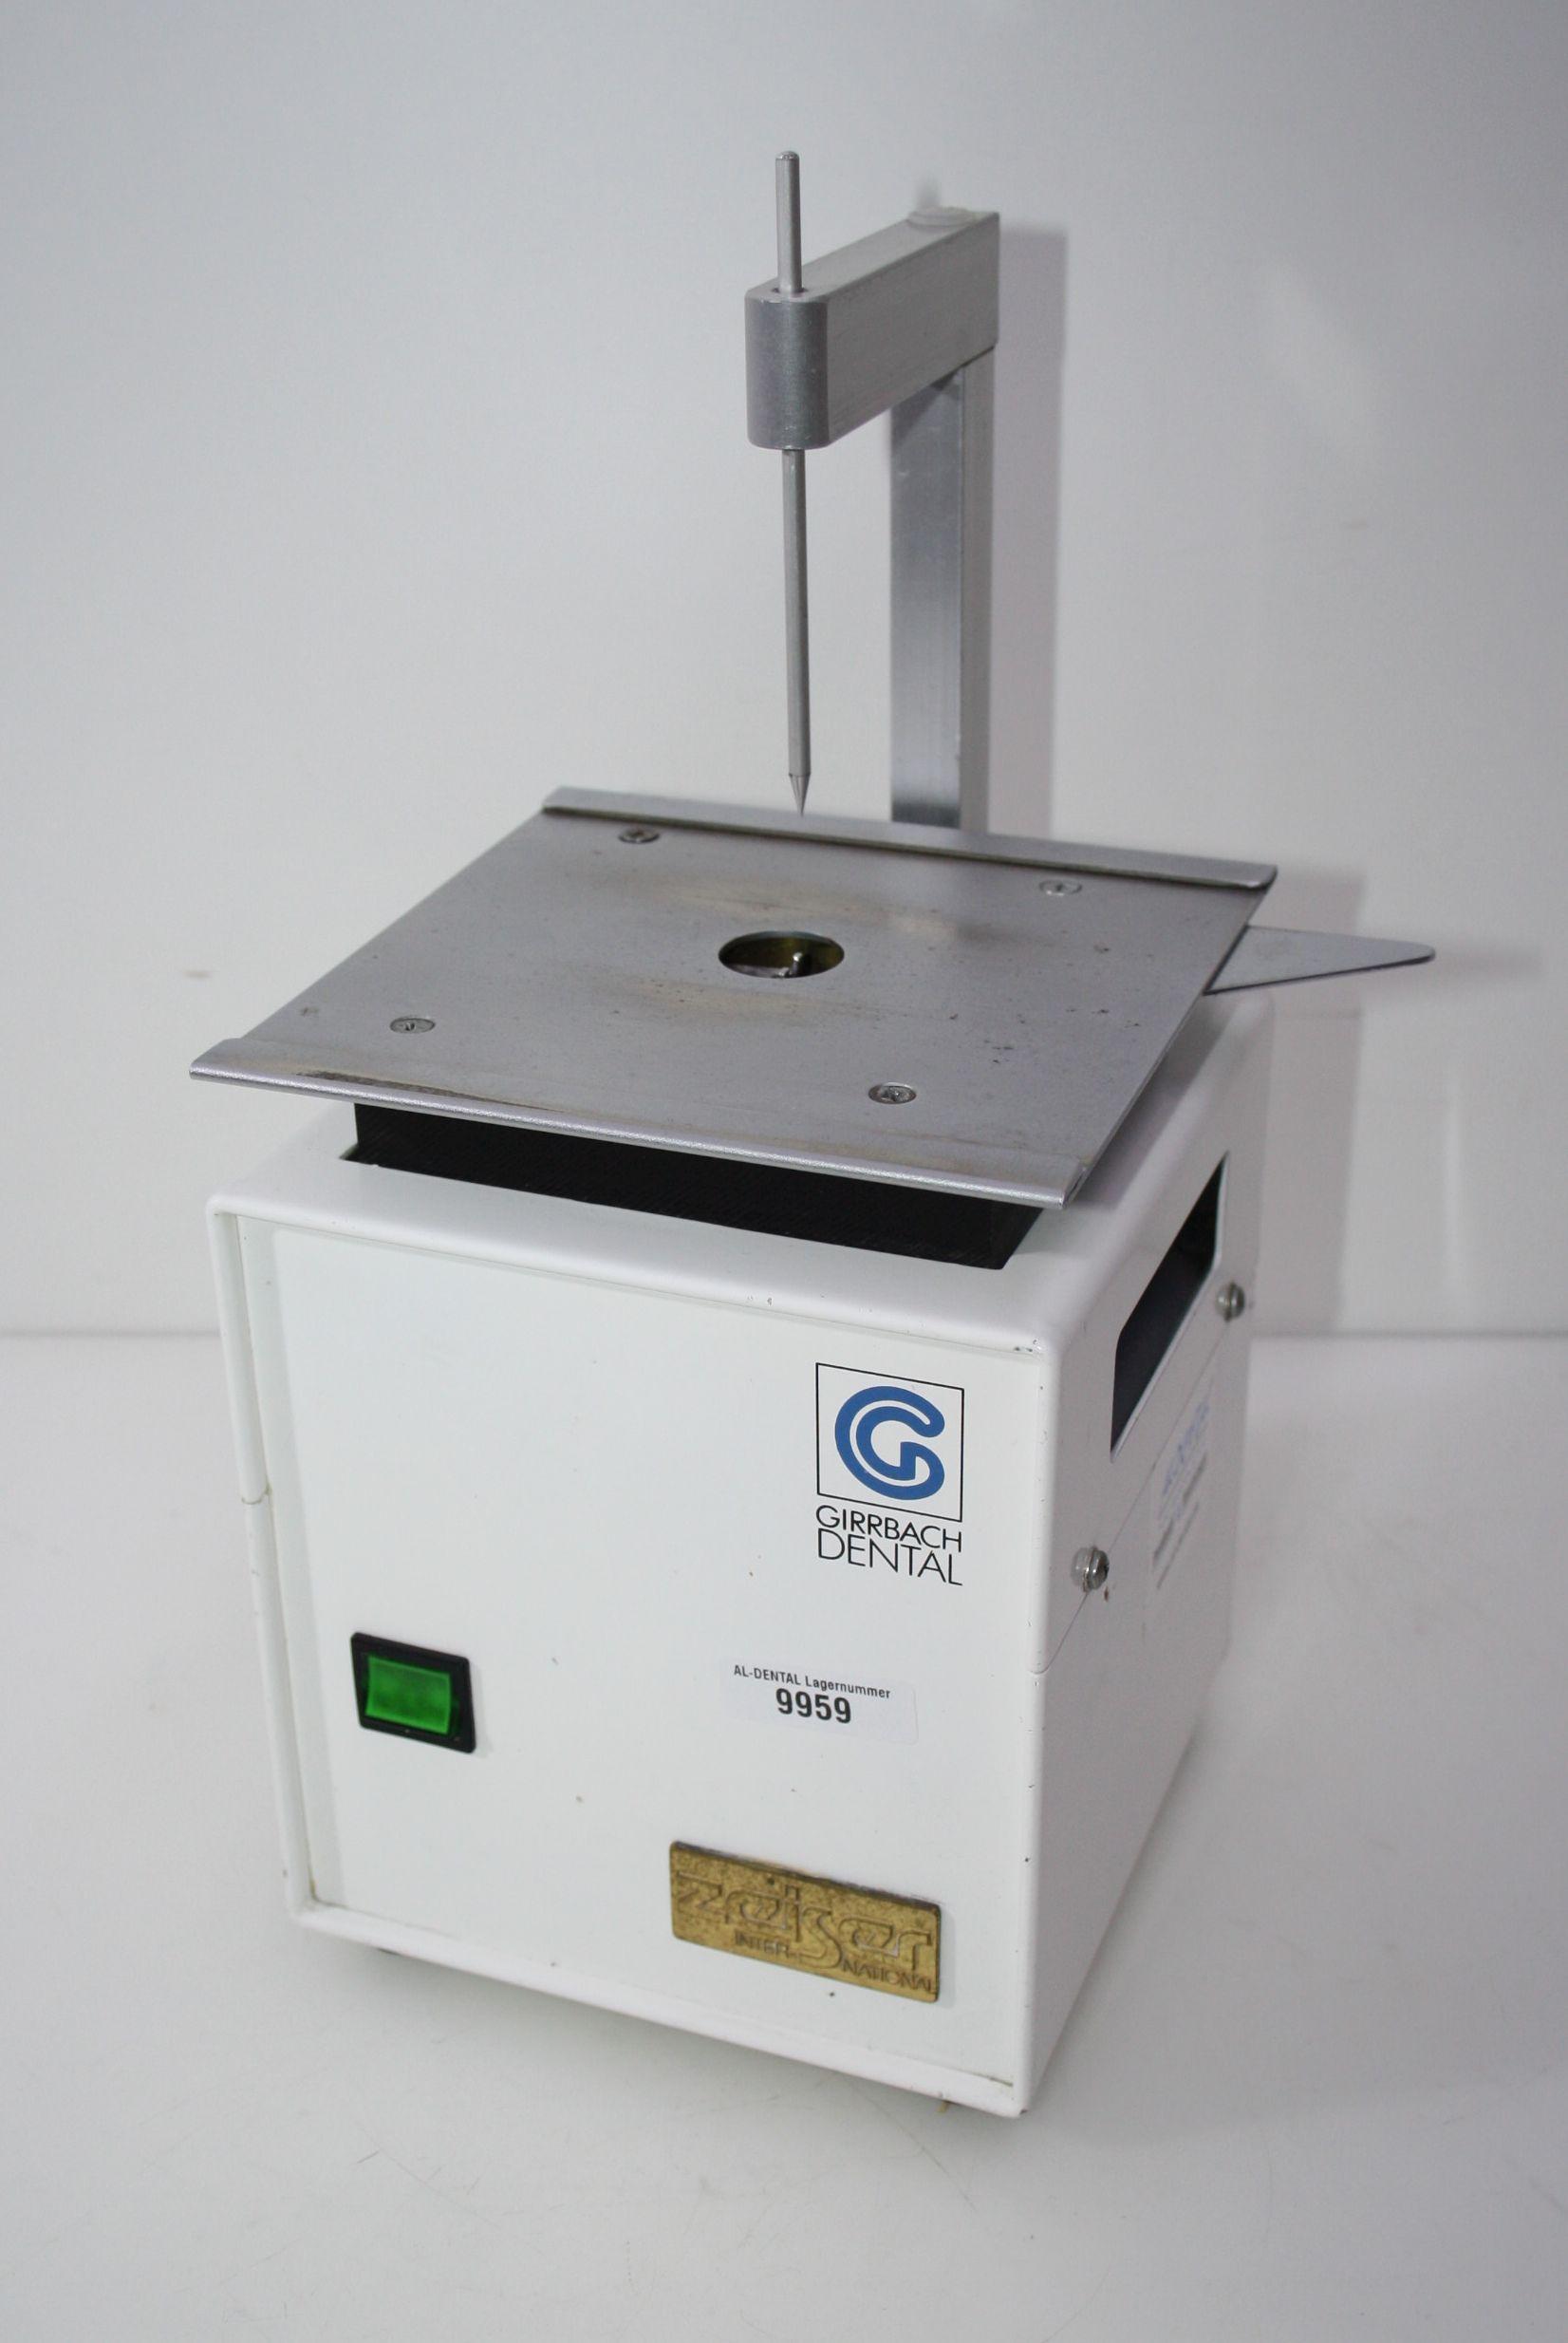 GIRRBACH Dental Pinbohrgerät Zeiser CANU Typ BR 3 # 9959